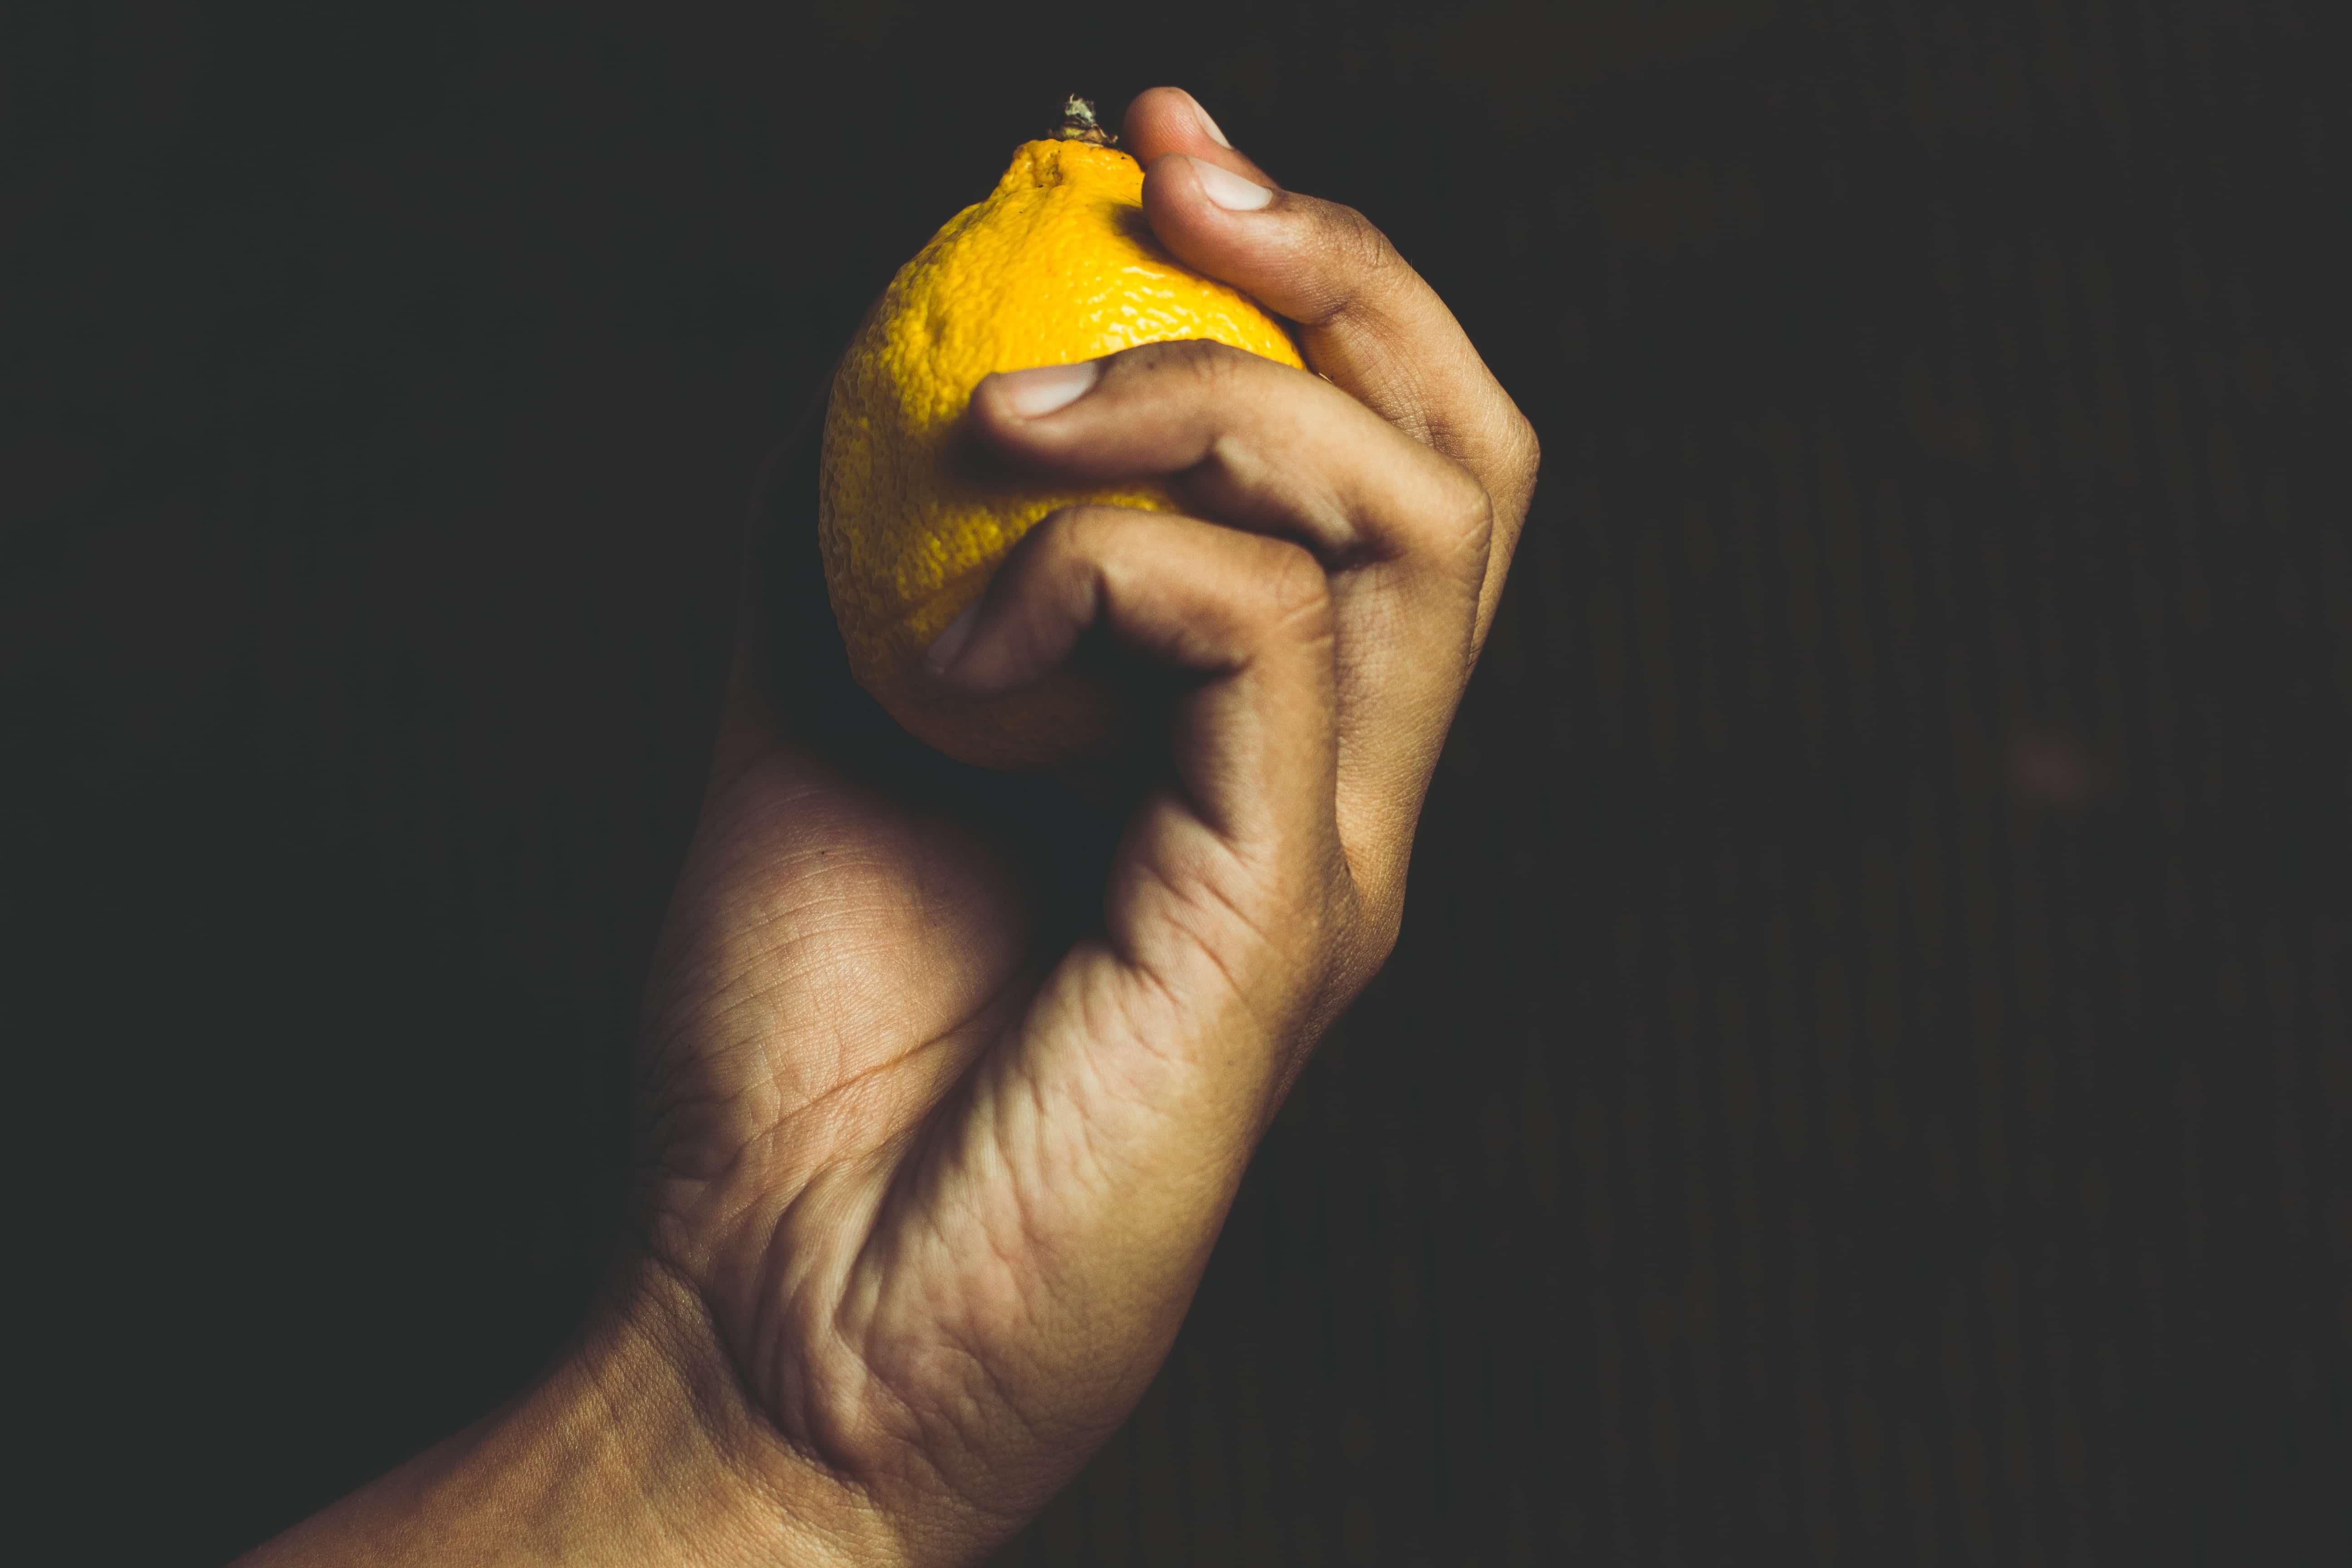 レモンを掴み取る手